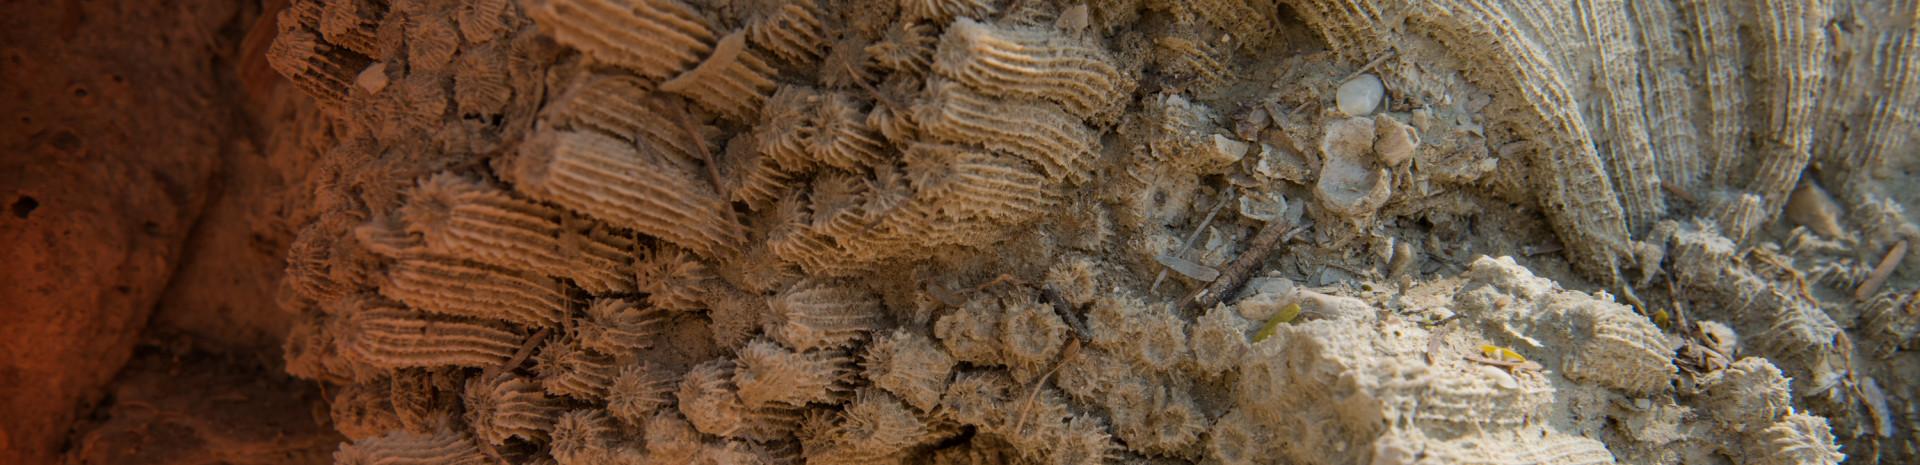 STRI Coral Reef